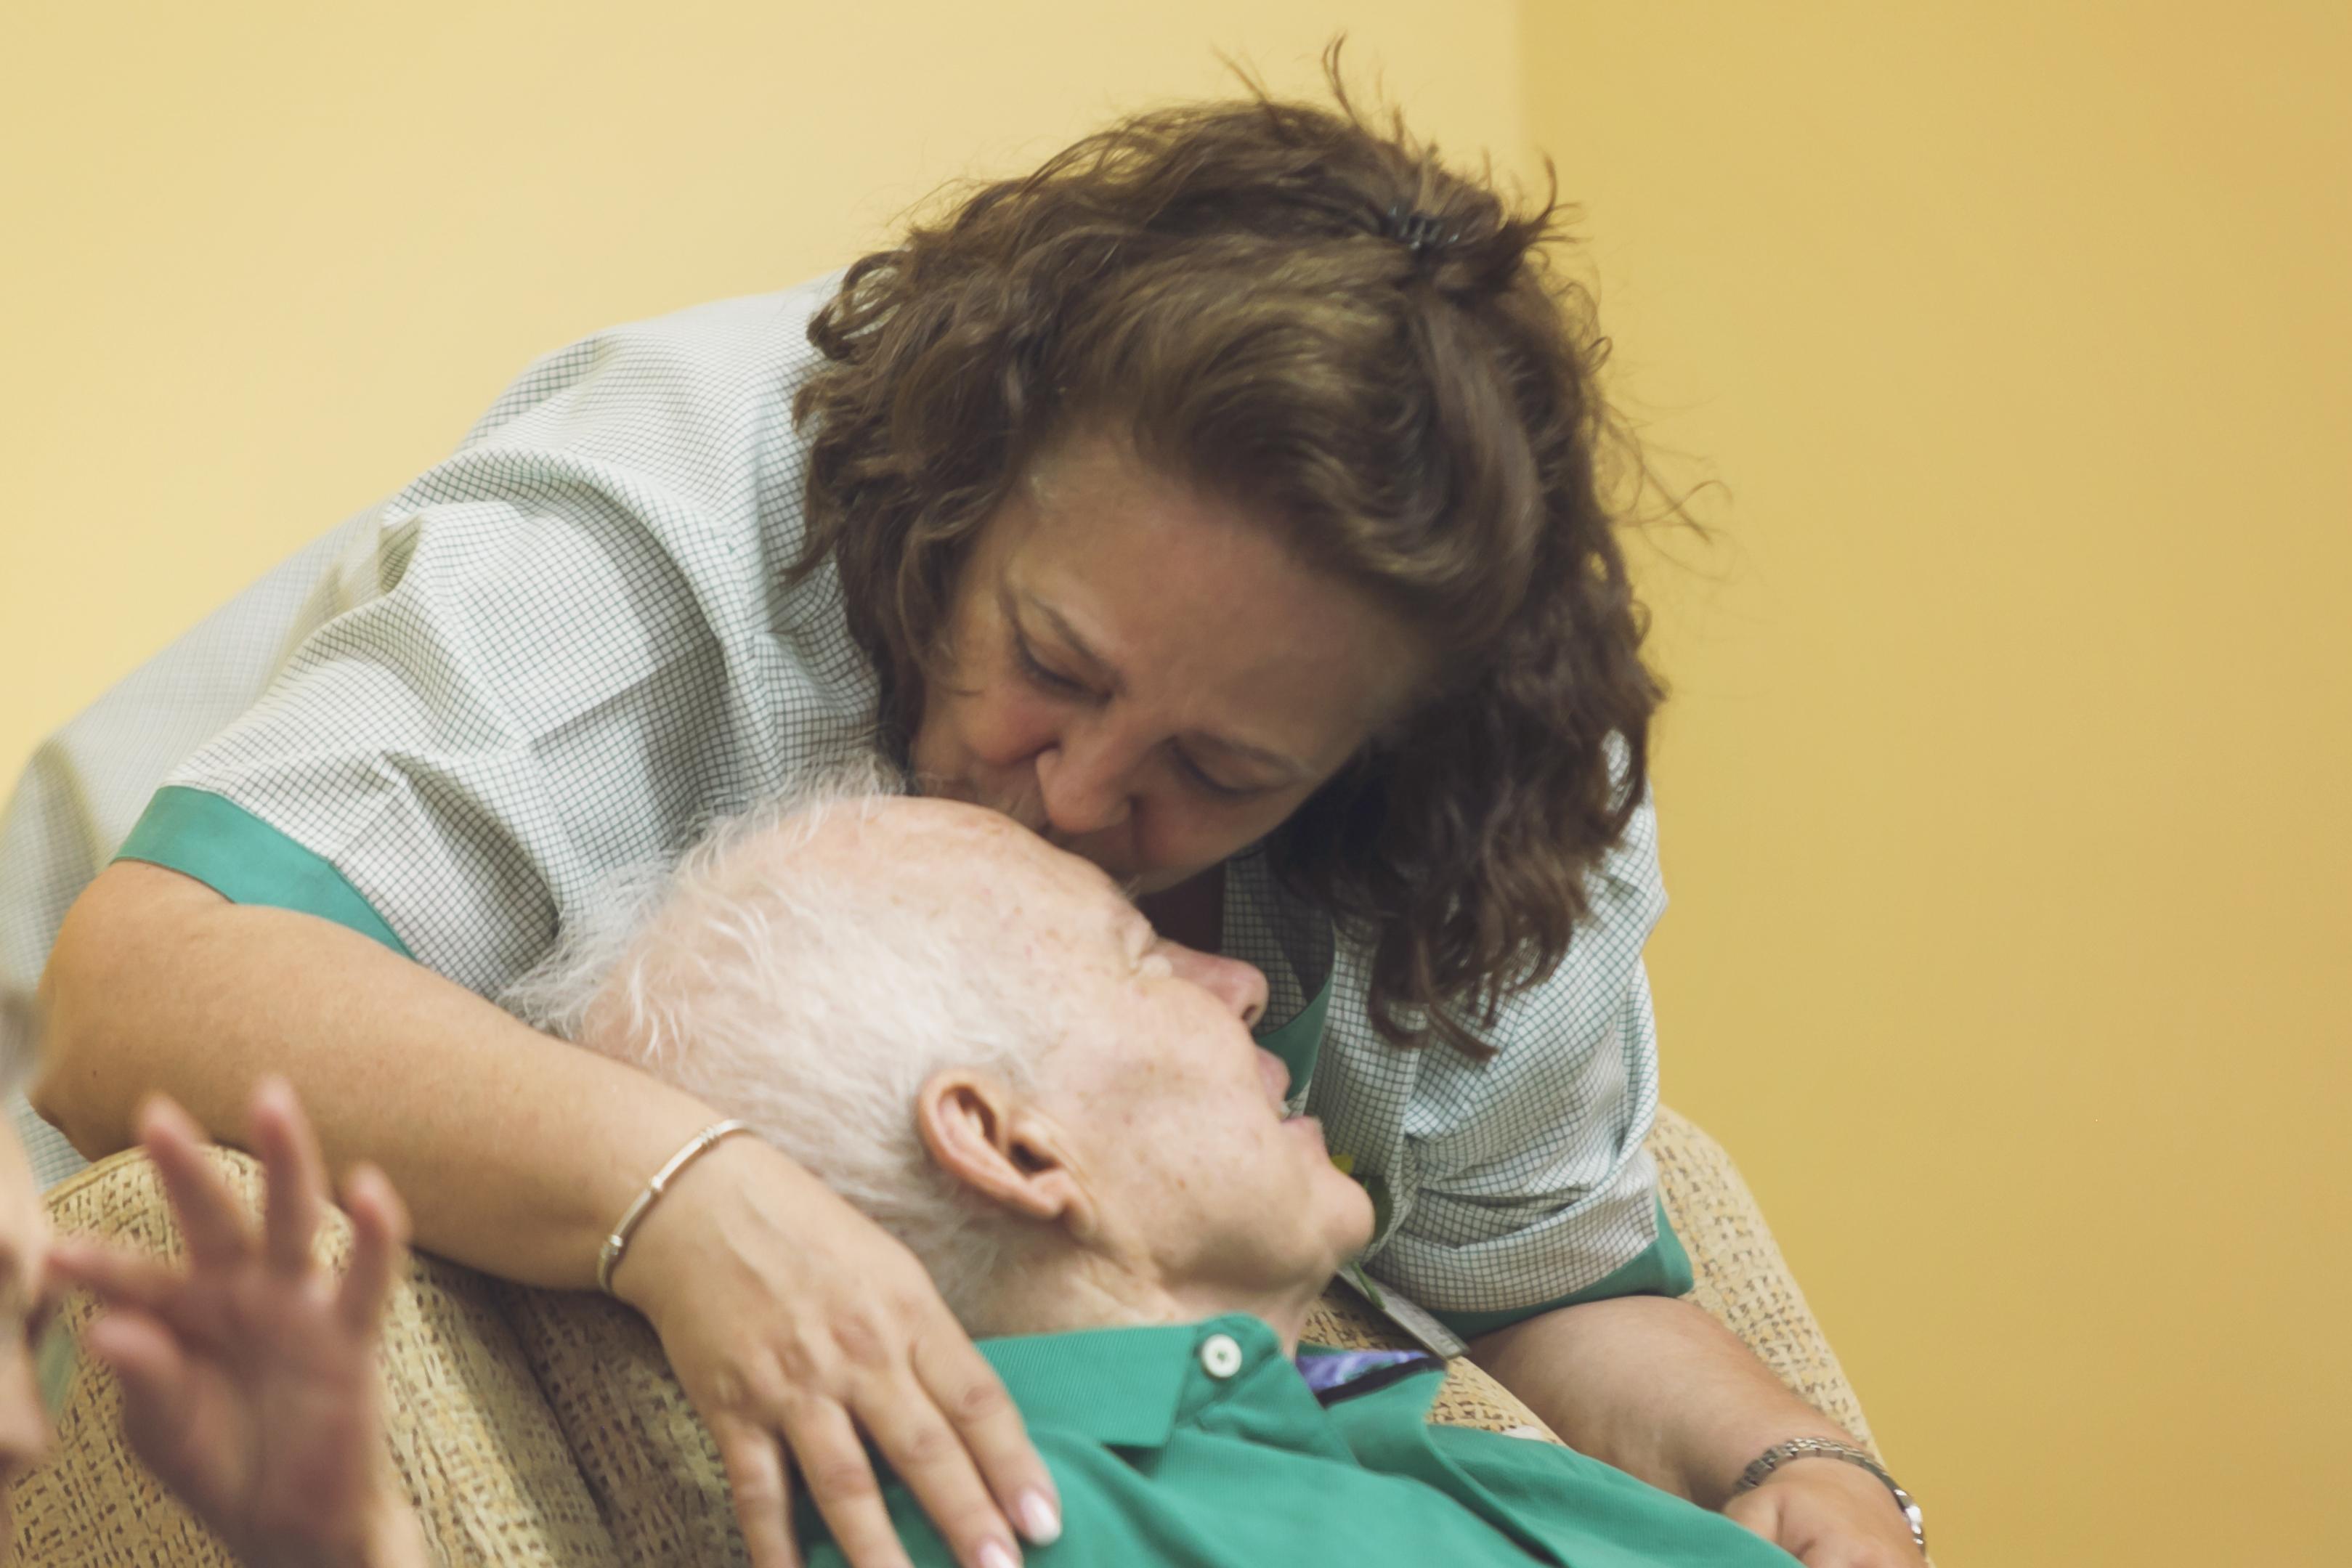 El Instituto Cudeca imparte un curso de acompañamiento espiritual a enfermeras del SAS